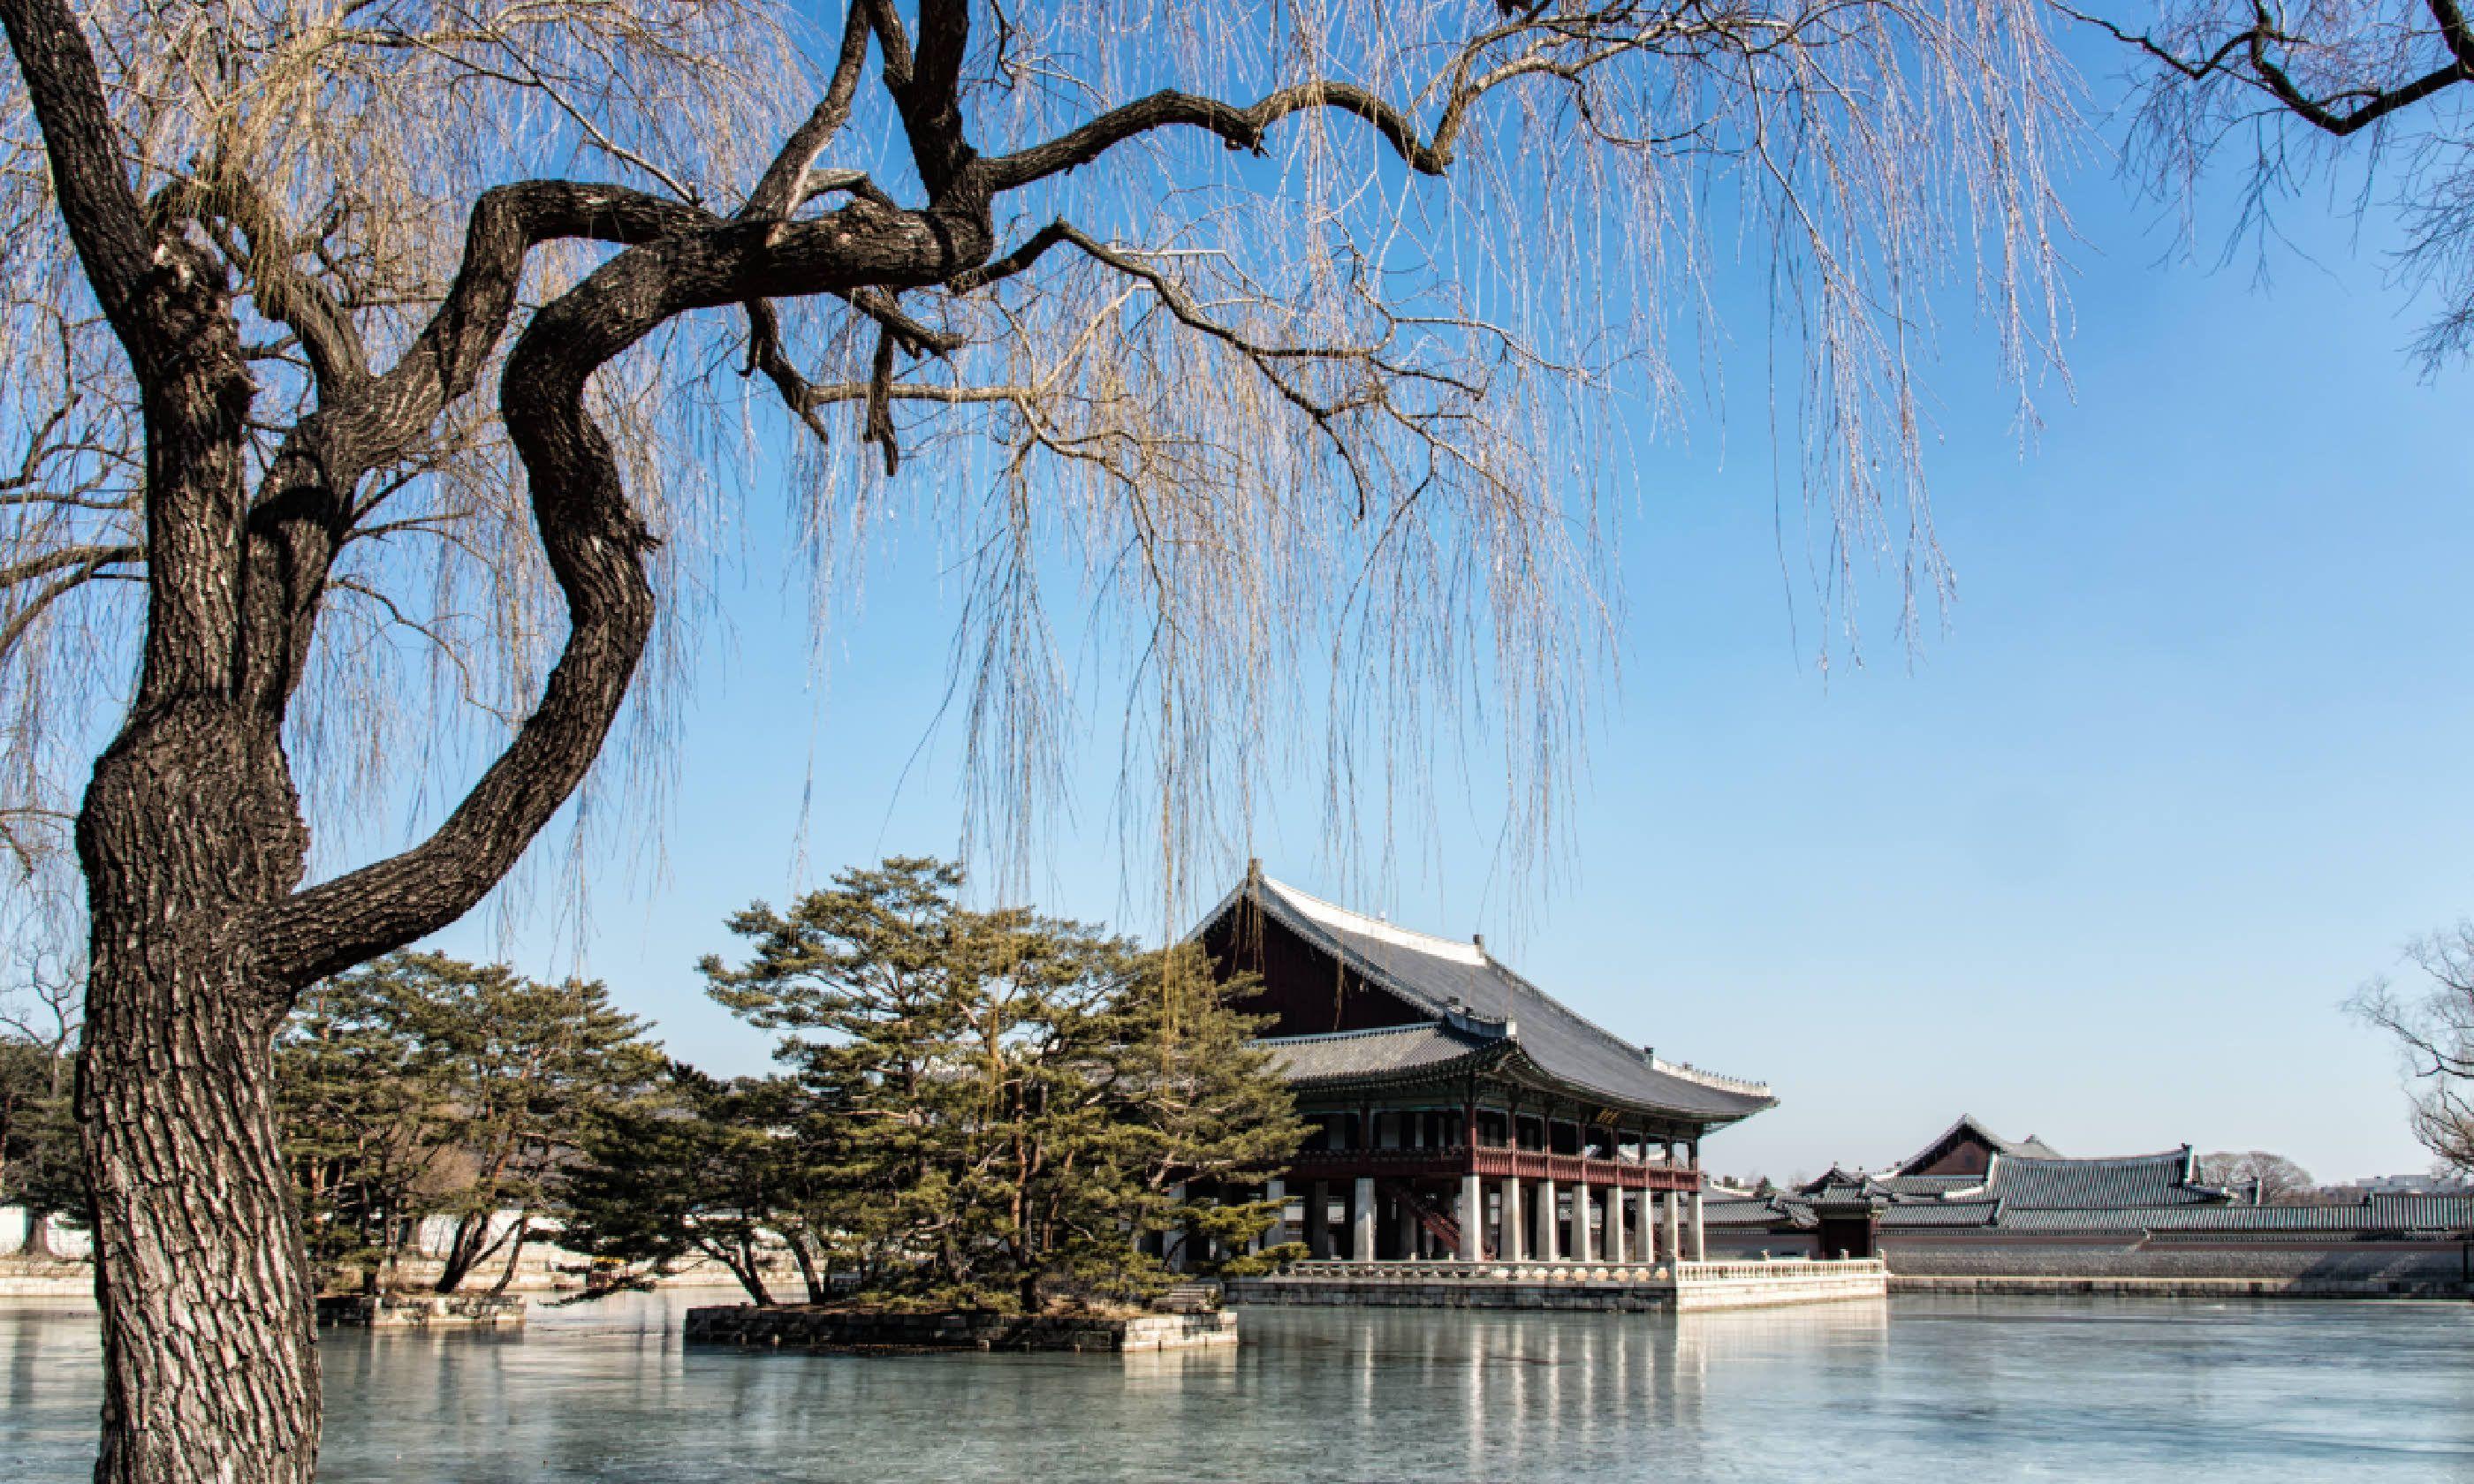 Gyeonghoeru Pavilion in Gyeongbok Palace, Seoul (Shutterstock)